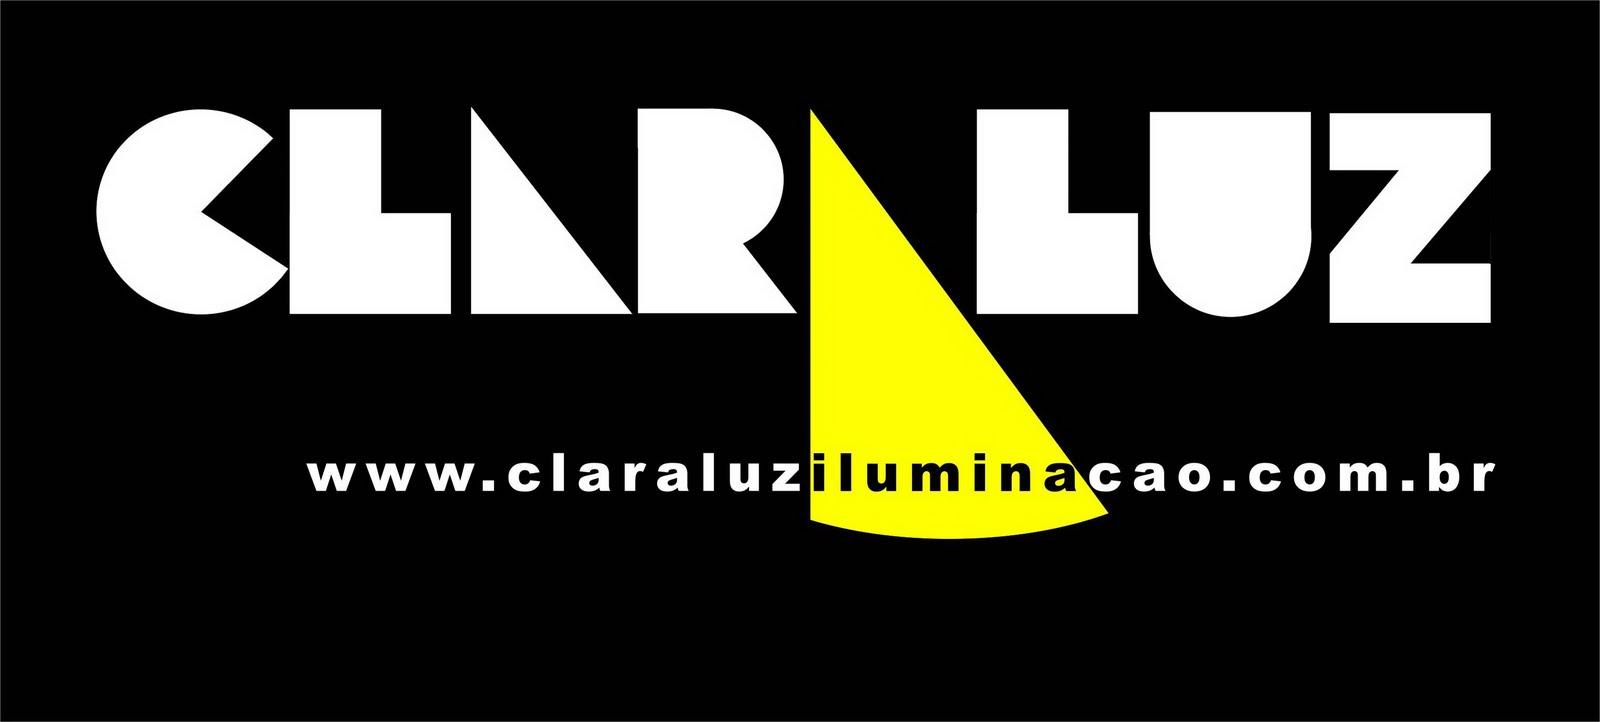 Bem-vindo a Claraluz! A nossa expertise é a Iluminação!